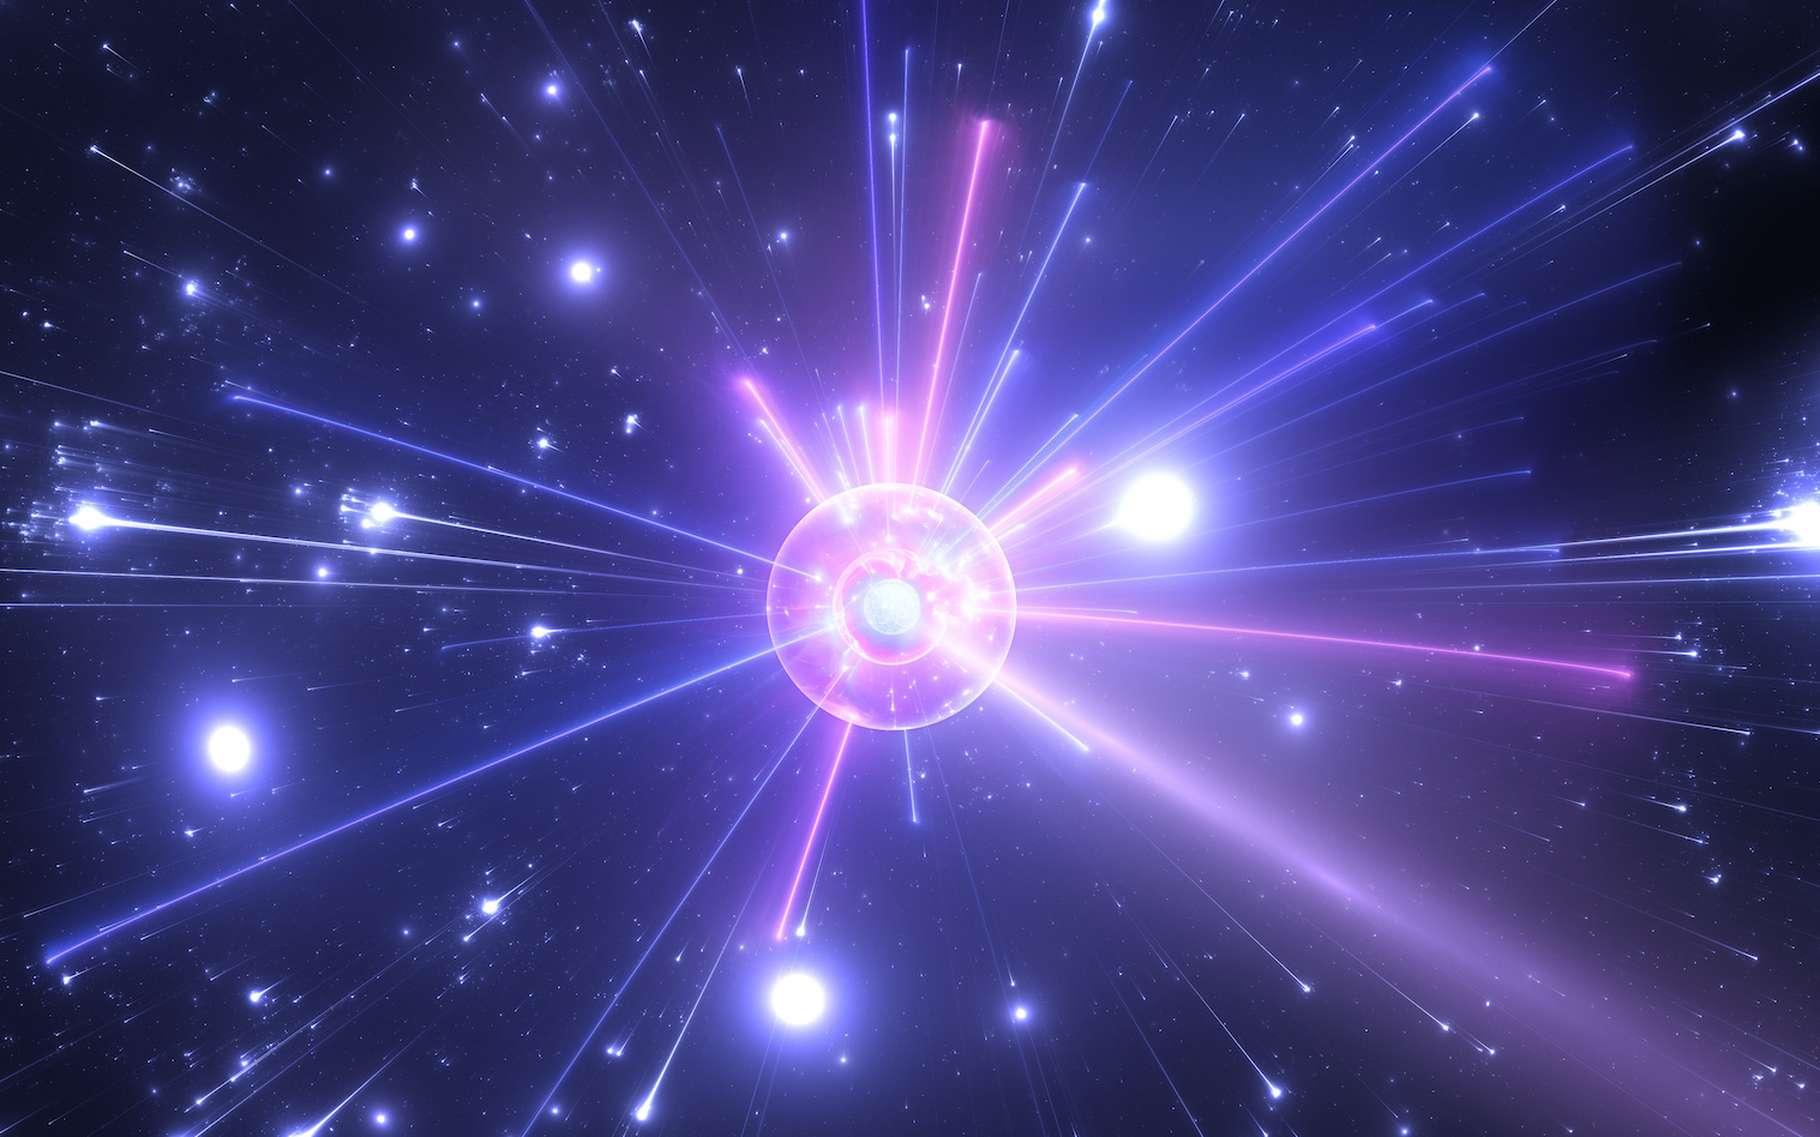 Dans certaines circonstances, des électrons peuvent former des paires et se mettre à glisser sans effort dans des matériaux appelés supraconducteurs, leur permettant ainsi de conduire le courant électrique sans résistance. Des physiciens de l'université de Brown (États-Unis) prouvent aujourd'hui que ces paires quantiques – connues sous le nom de « paires de Cooper » – sont également capables d'agir comme un nouvel état de la matière. © Peter Jurik, Adobe Stock